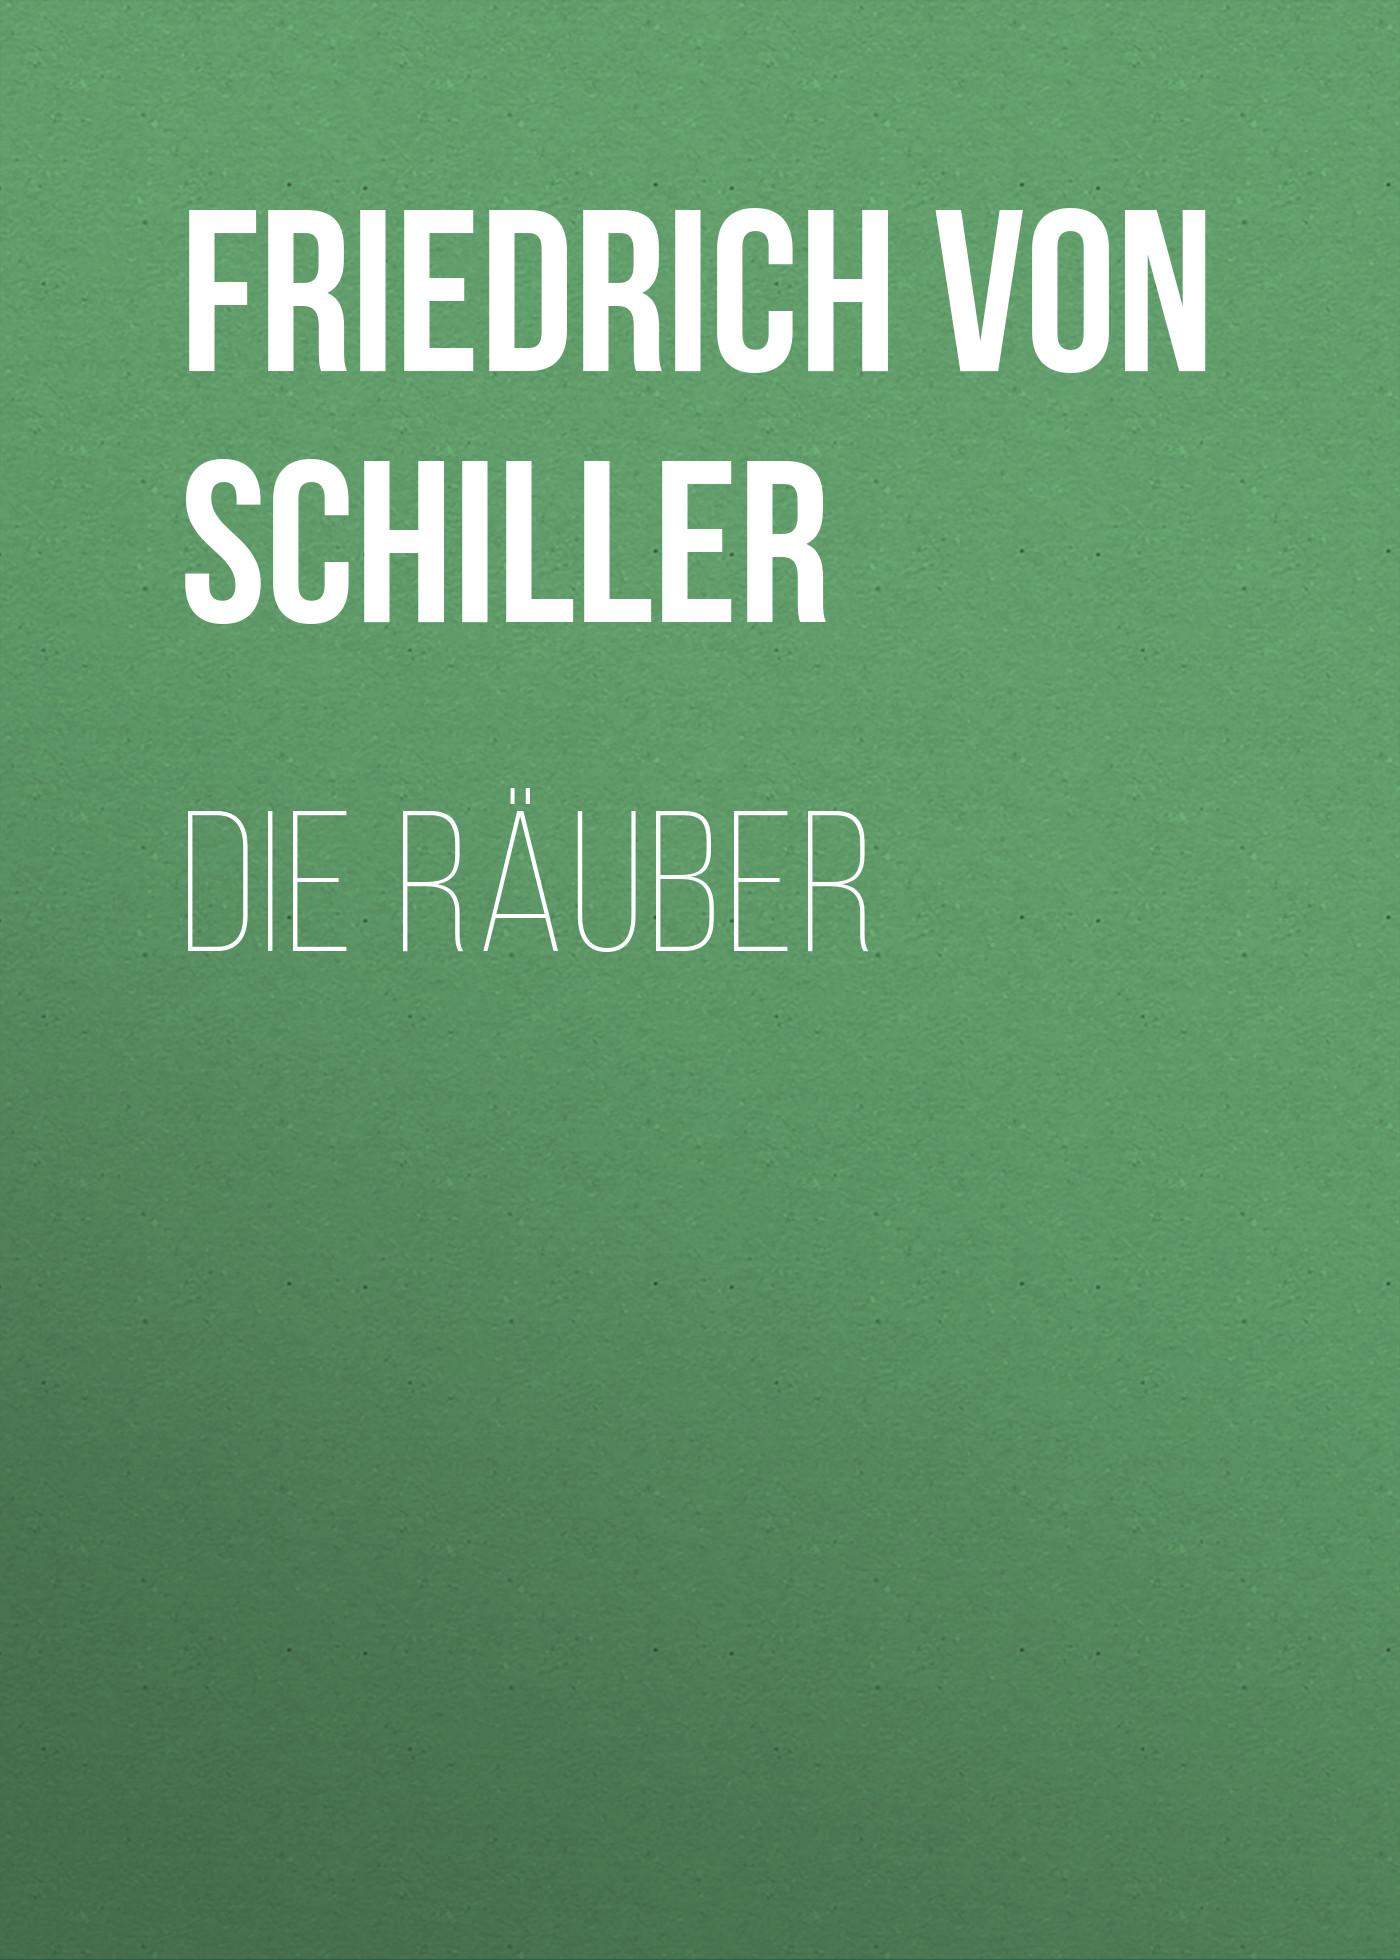 Friedrich von Schiller Die Räuber